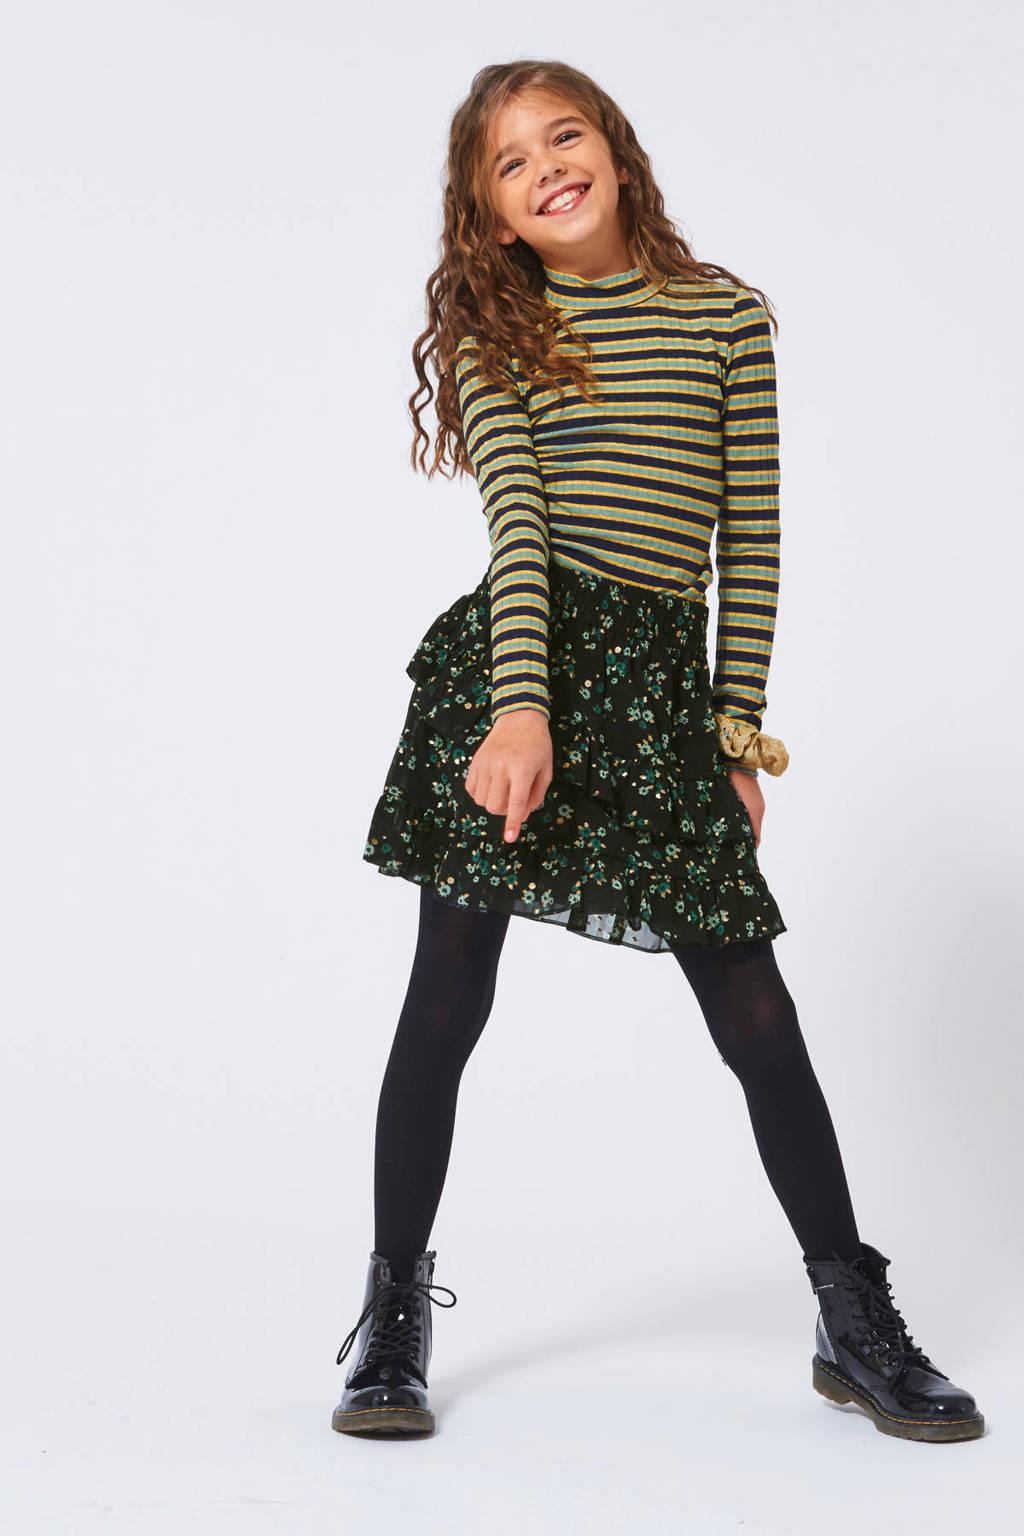 America Today Junior gebloemde rok Ruby zwart/groen, Zwart/groen